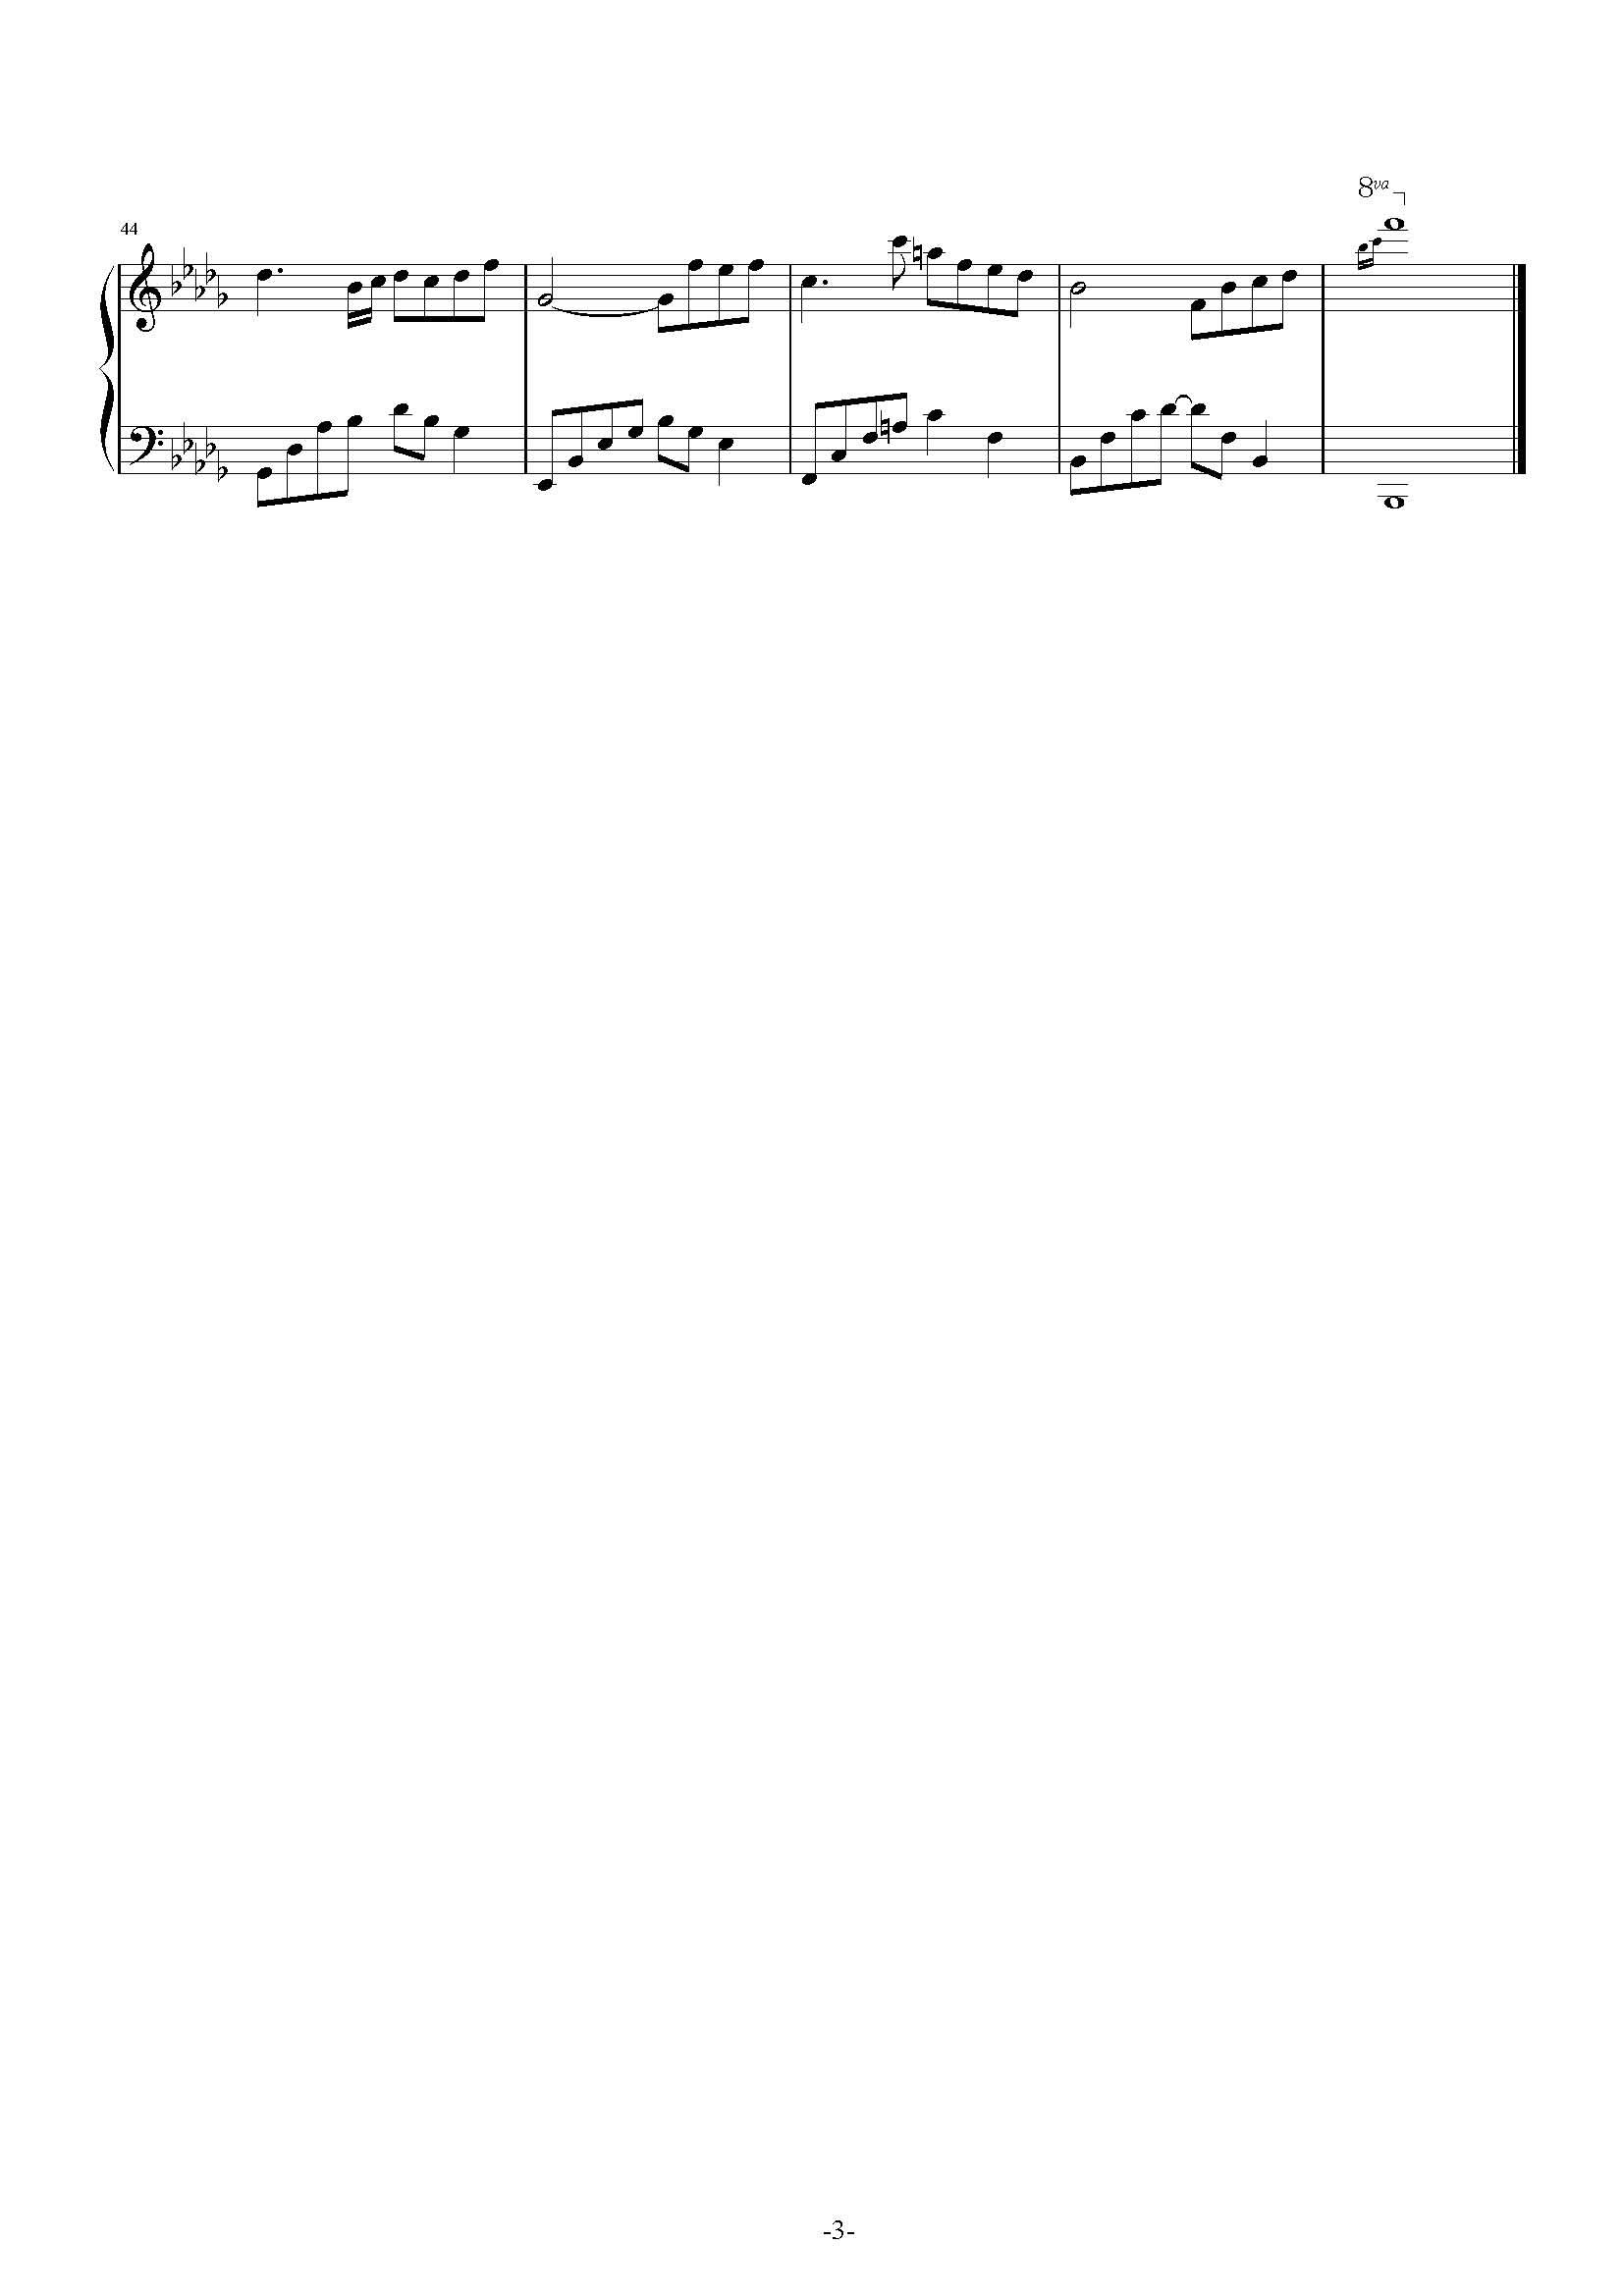 夜的钢琴曲28要简谱,实在没有可以发五线谱,谢谢